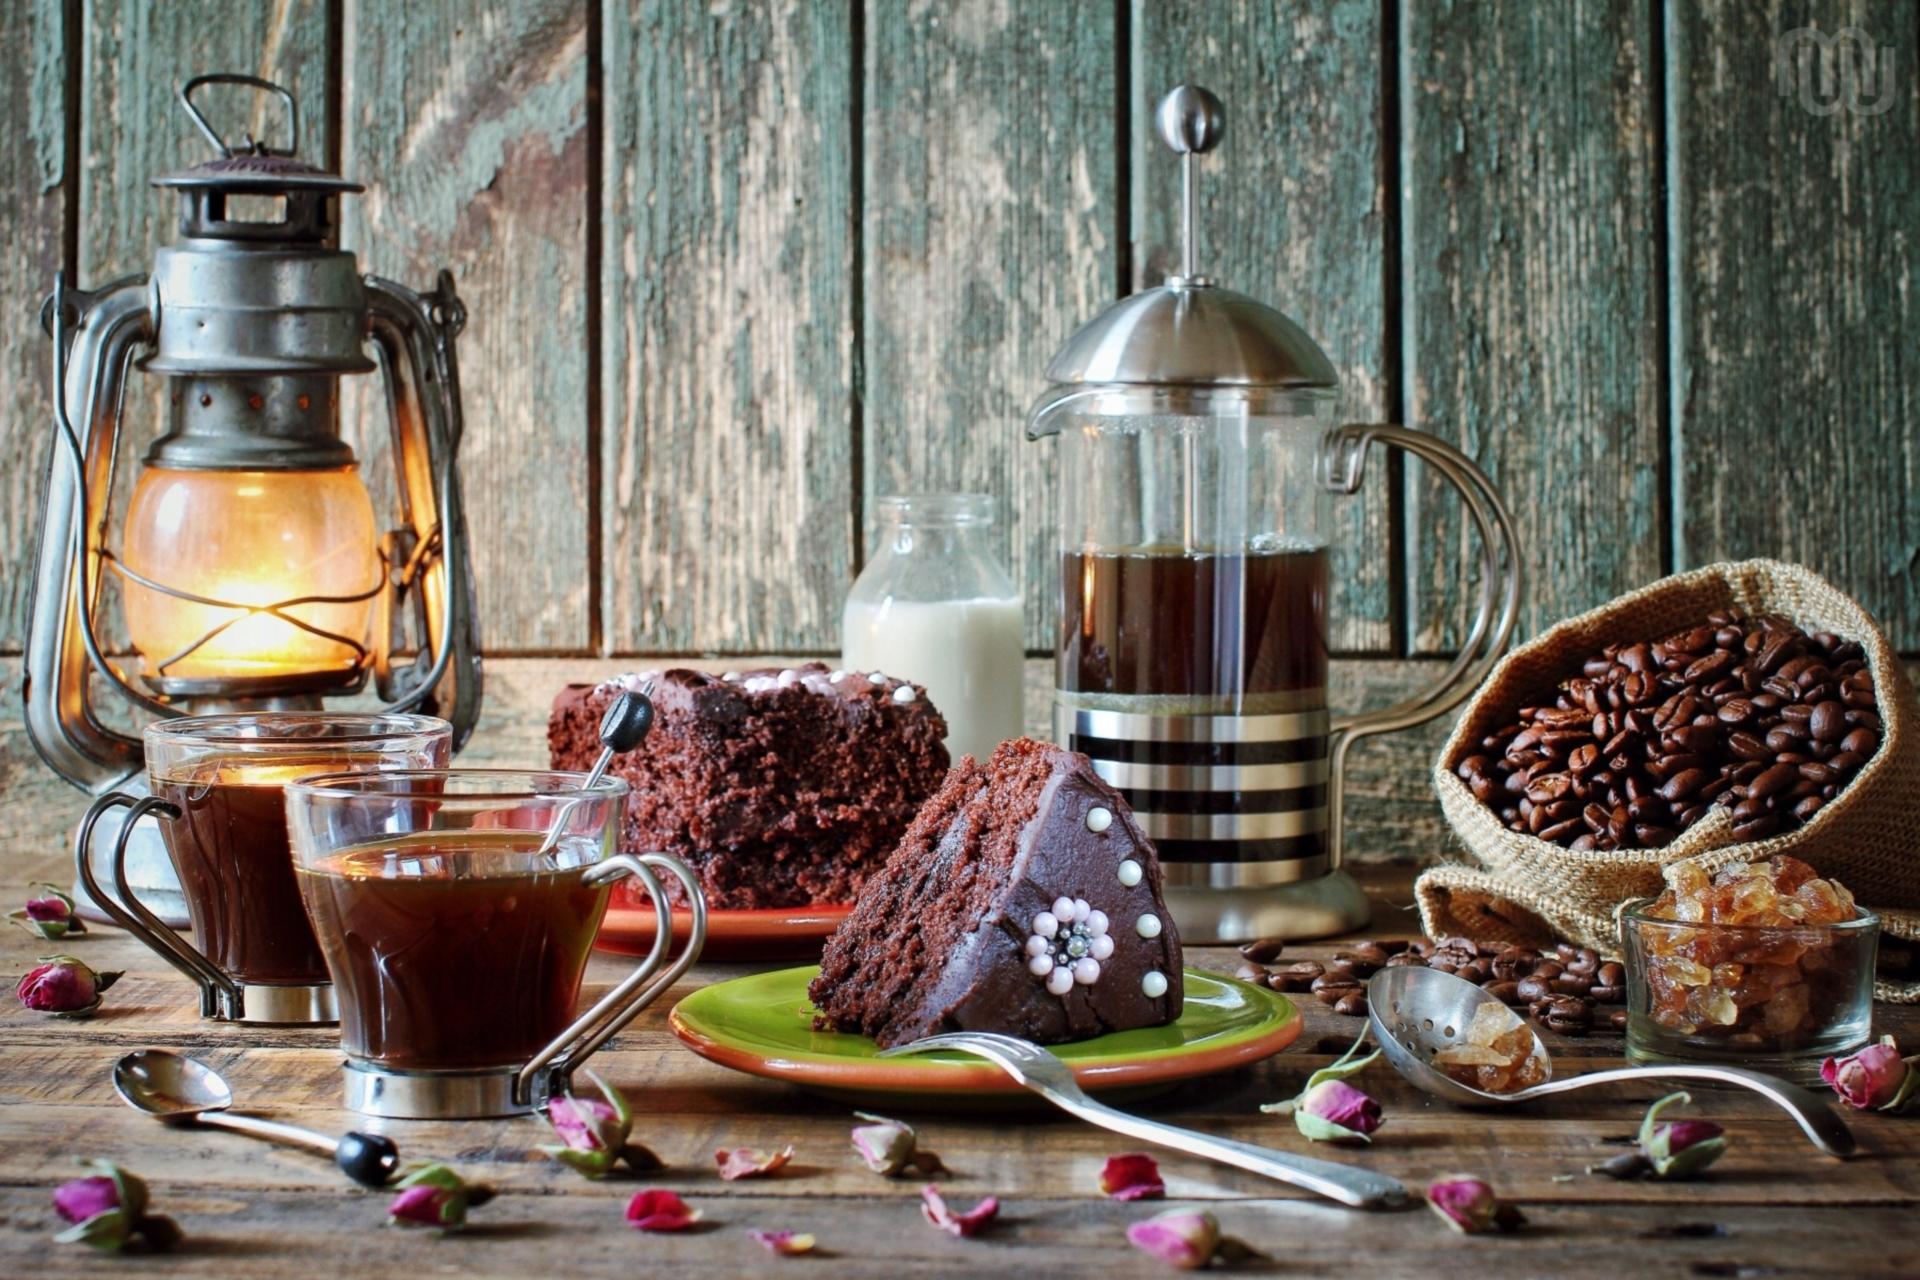 Чай и сухофрукты  № 674251 без смс